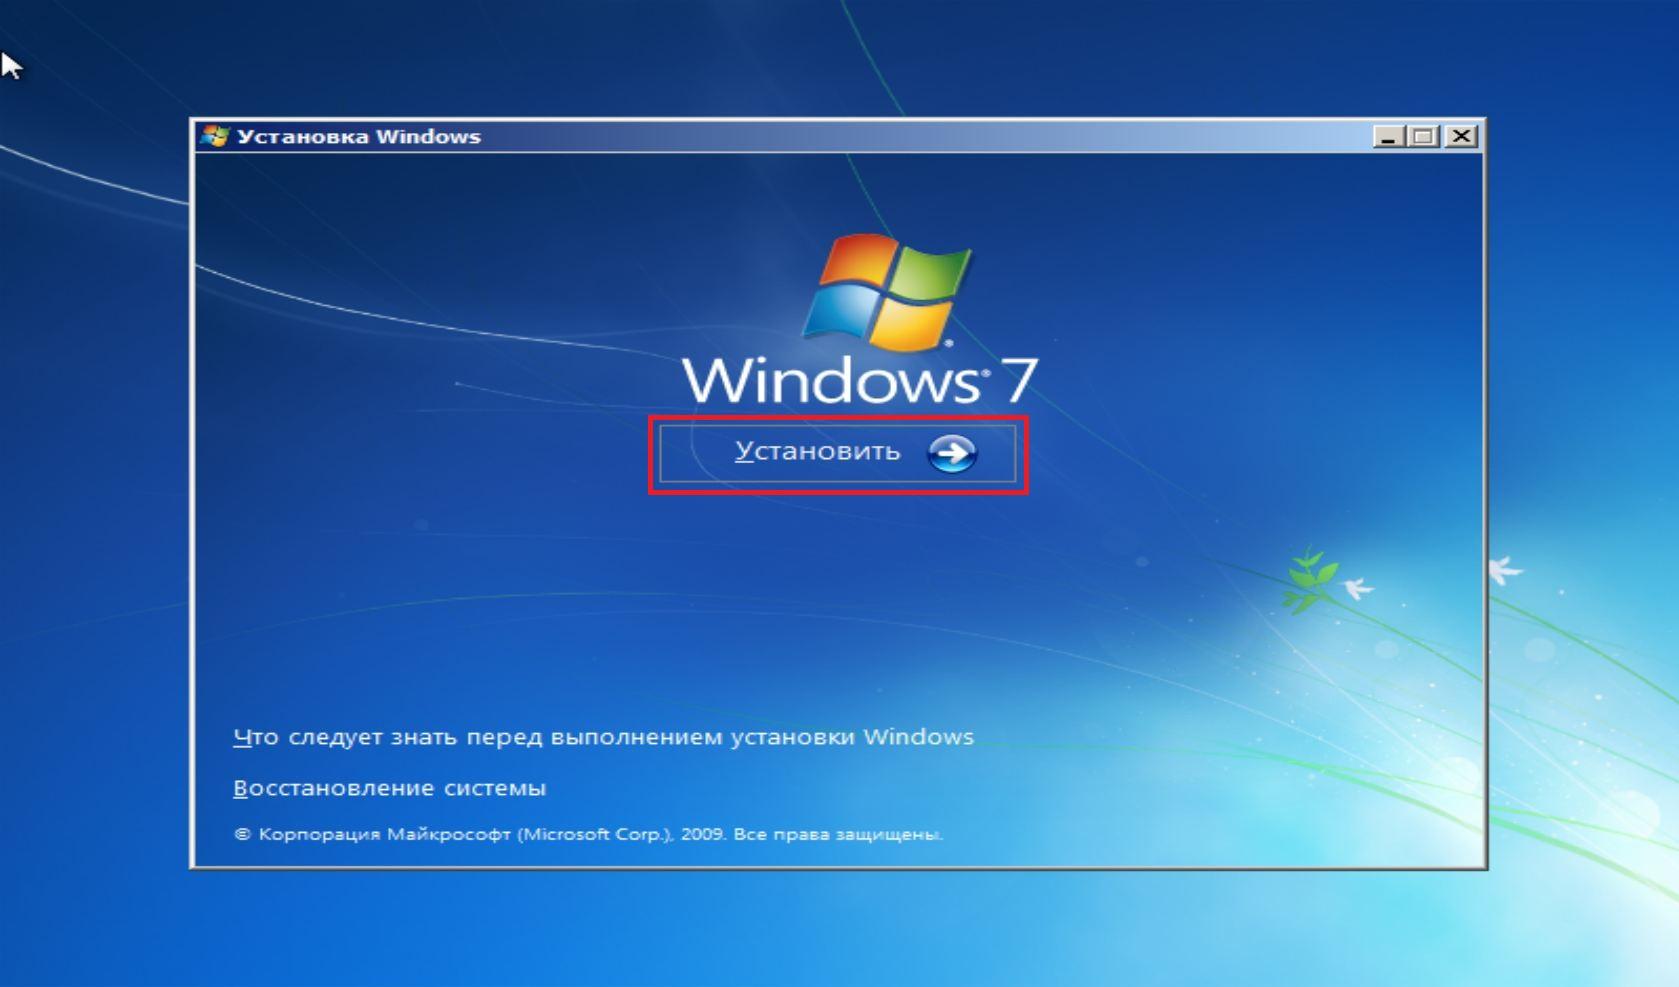 Нажмите установить для начала установки Windows 7